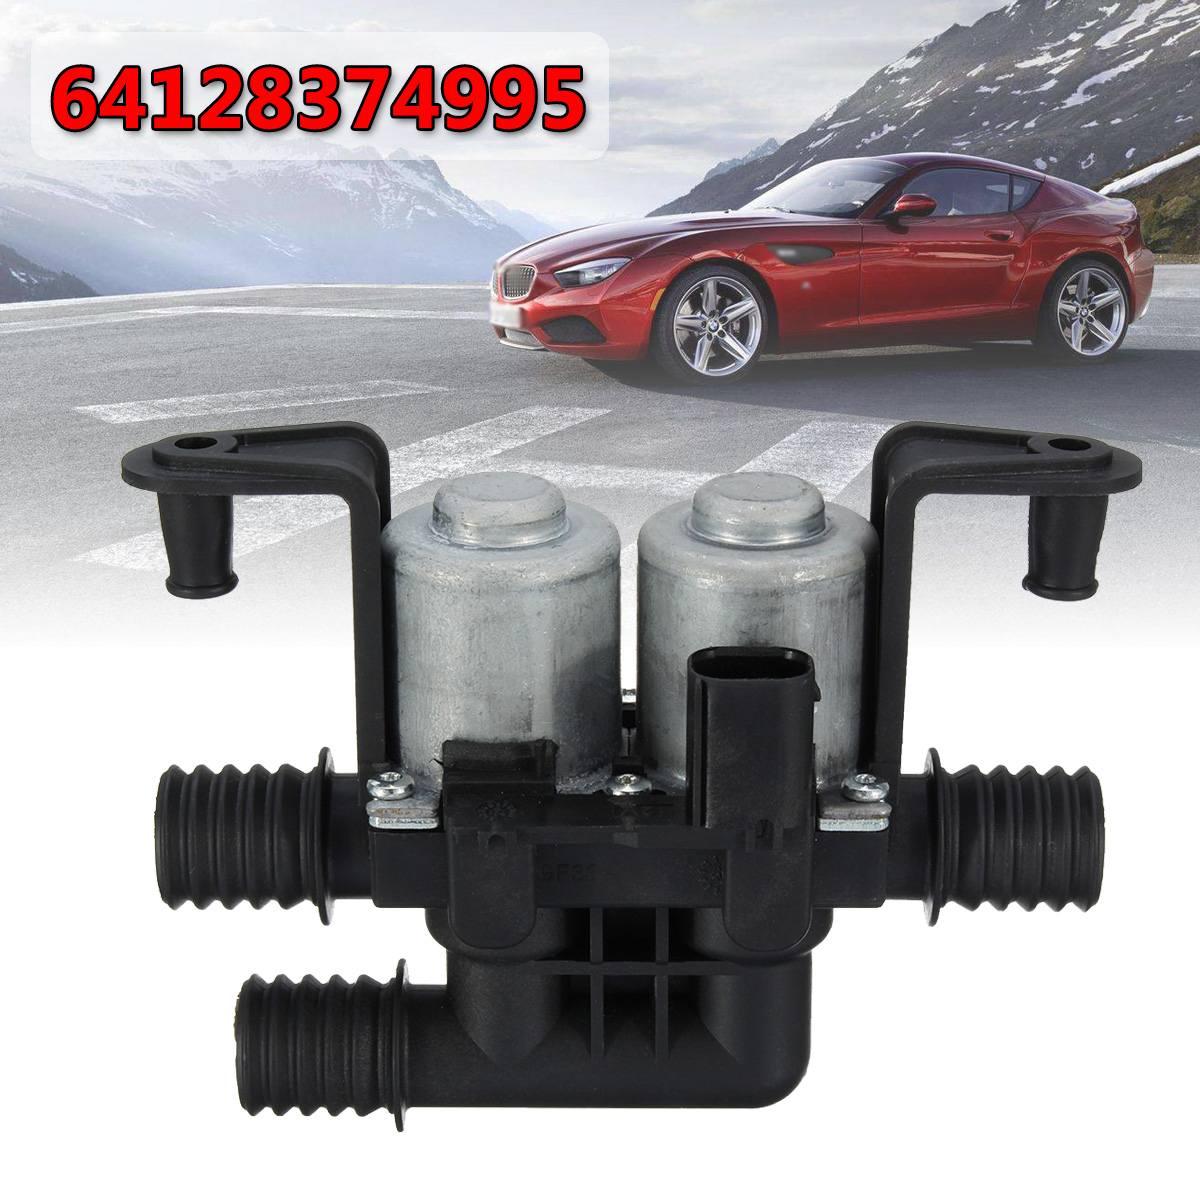 Vannes de commande de chauffe eau double solénoïde 64128374995 64 12 8 372 016 pour BMW série 5 E38 E39 E46 E53 X5|Vannes et pièces| |  -